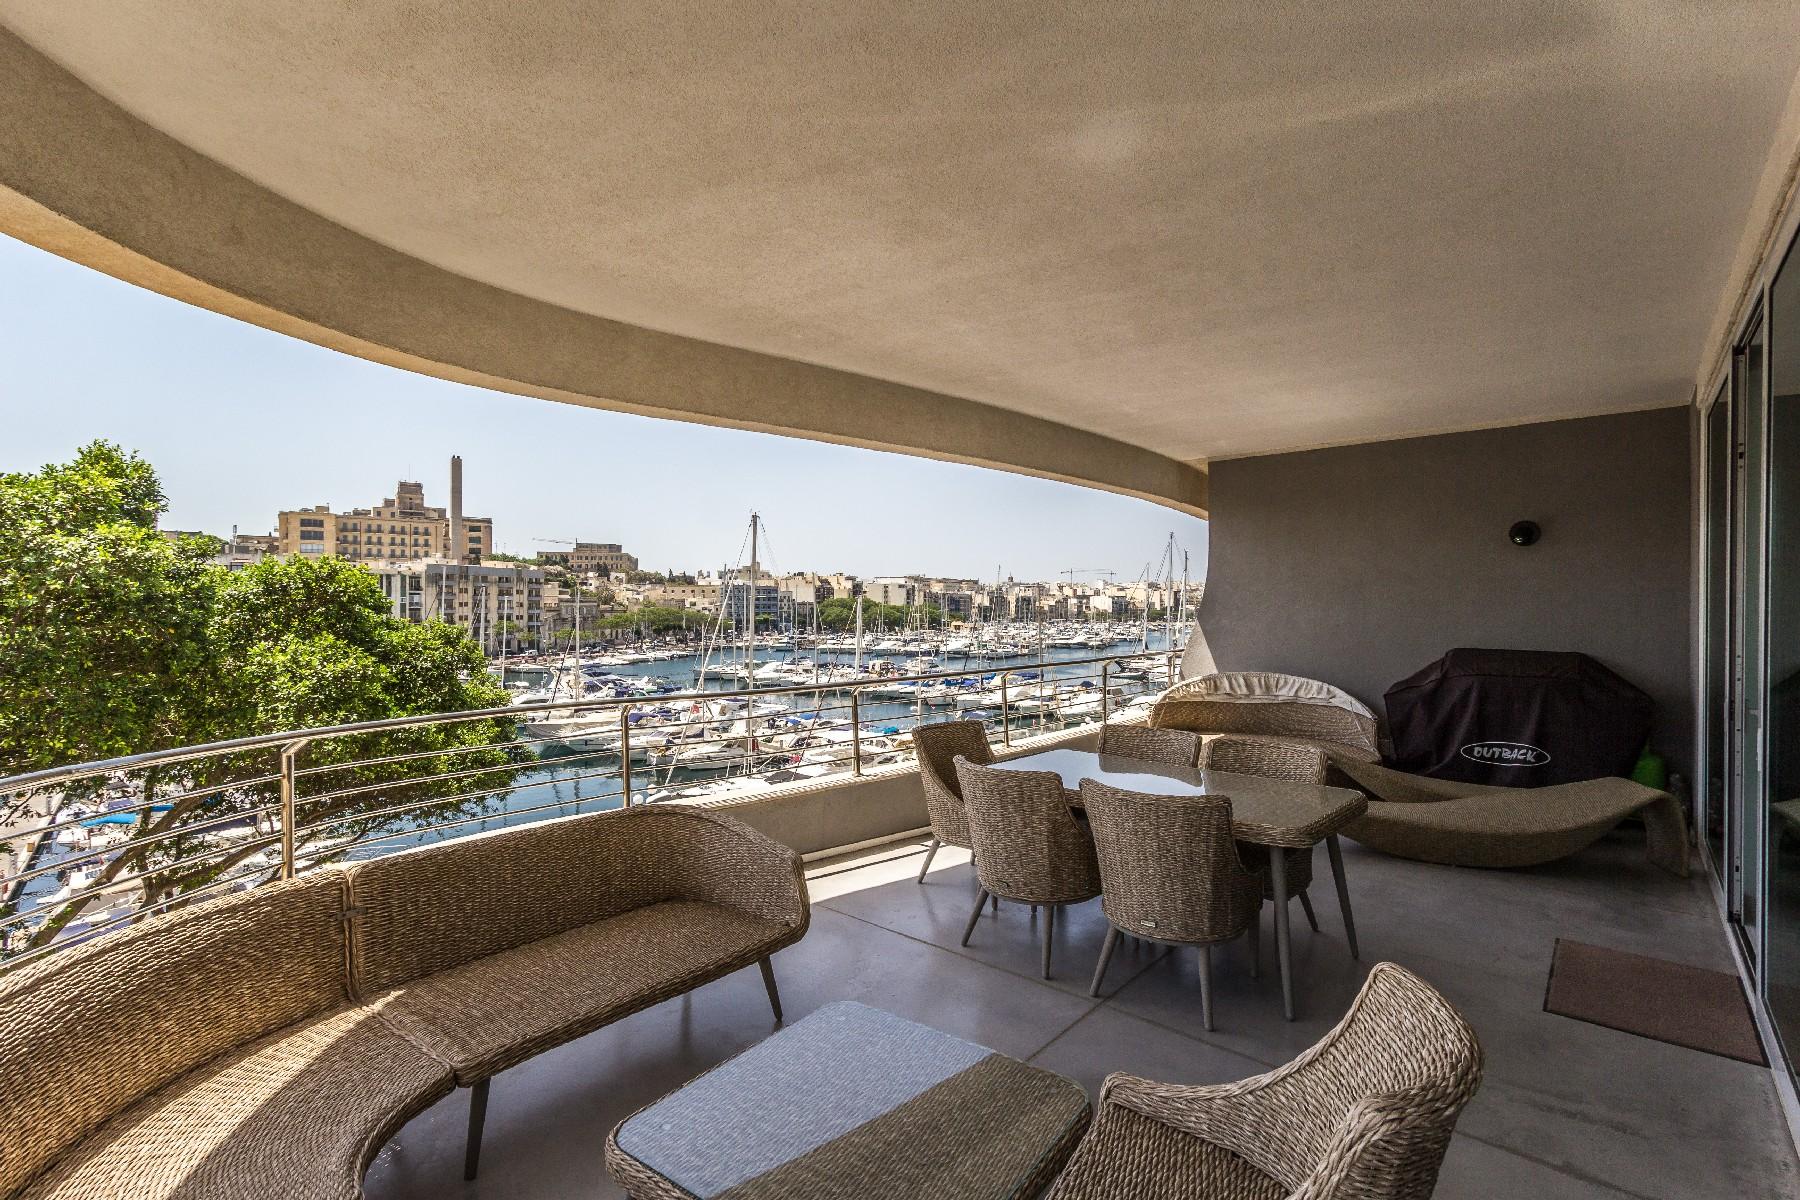 Apartment for Sale at Marina View Apartment Ta' Xbiex, Malta